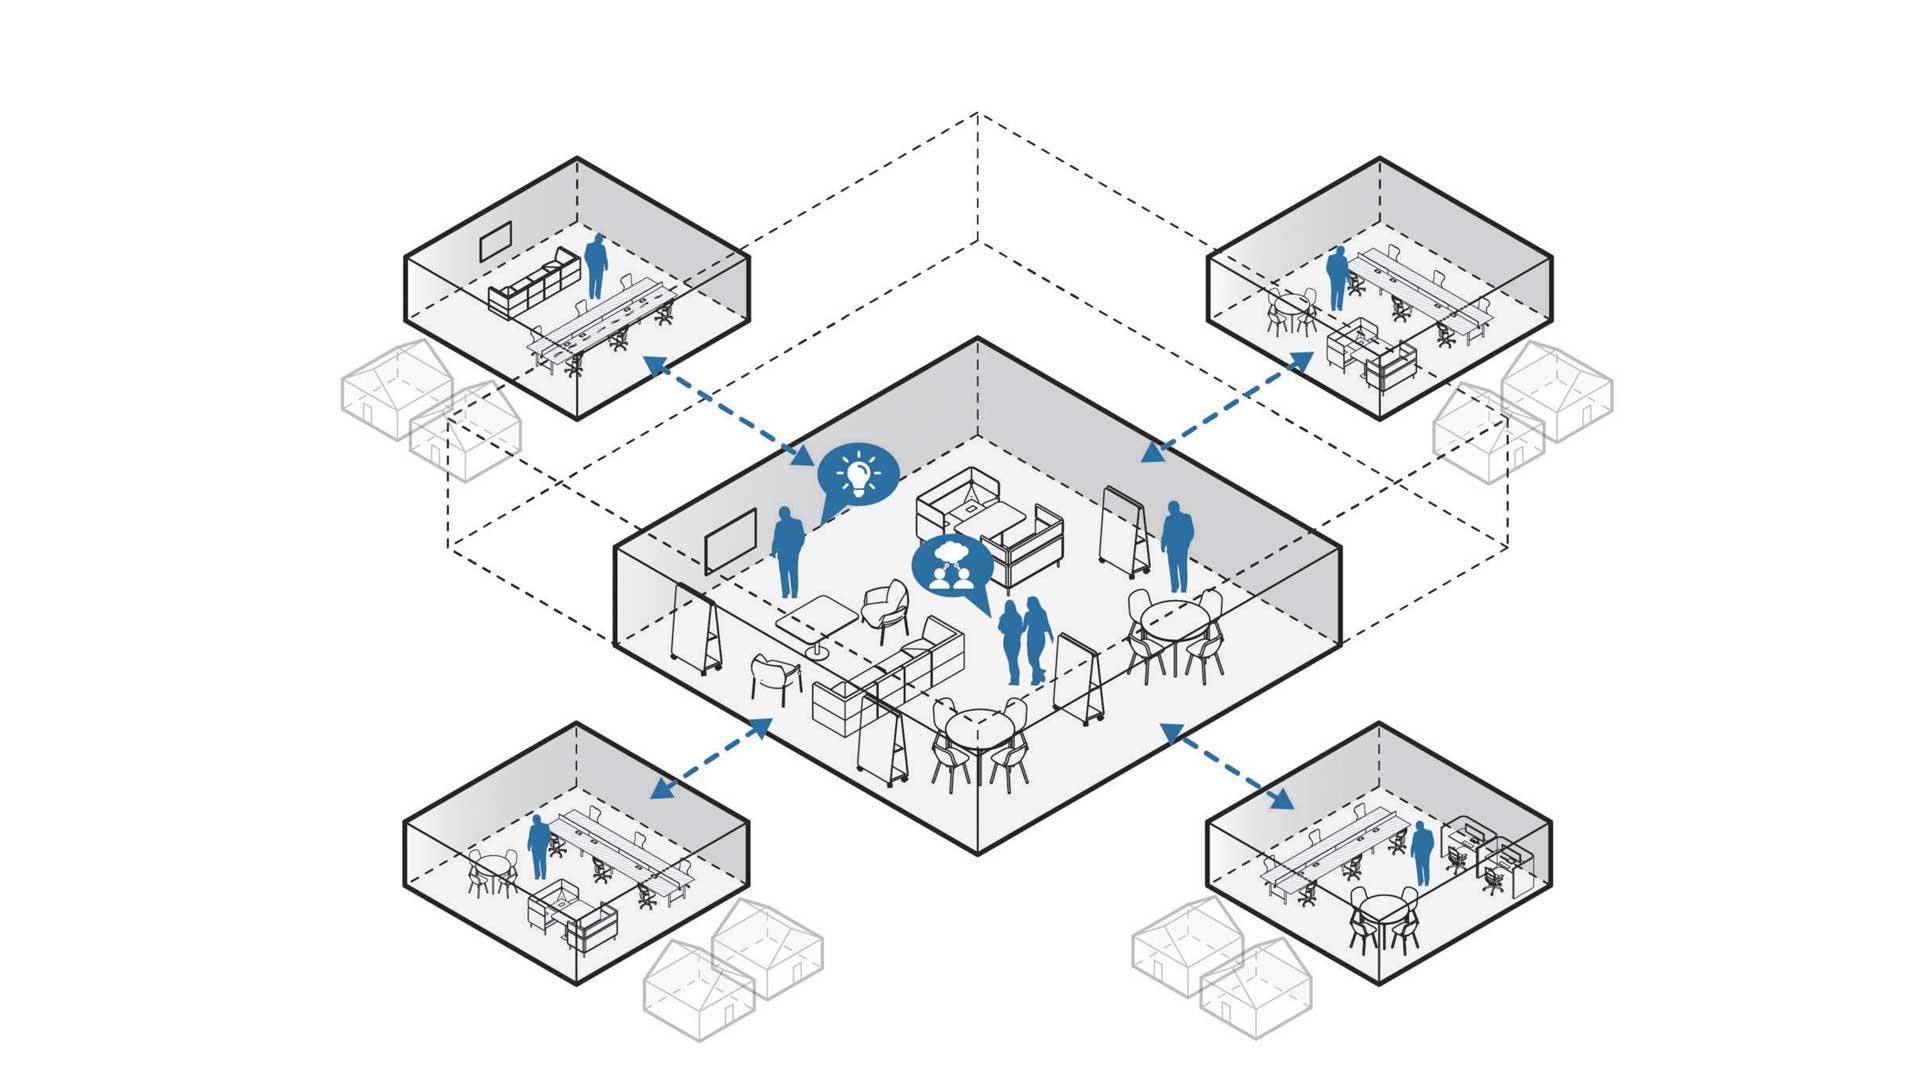 ufficio-del-futuro-4-modelli-Community-nodes-Level-Office-Landscape